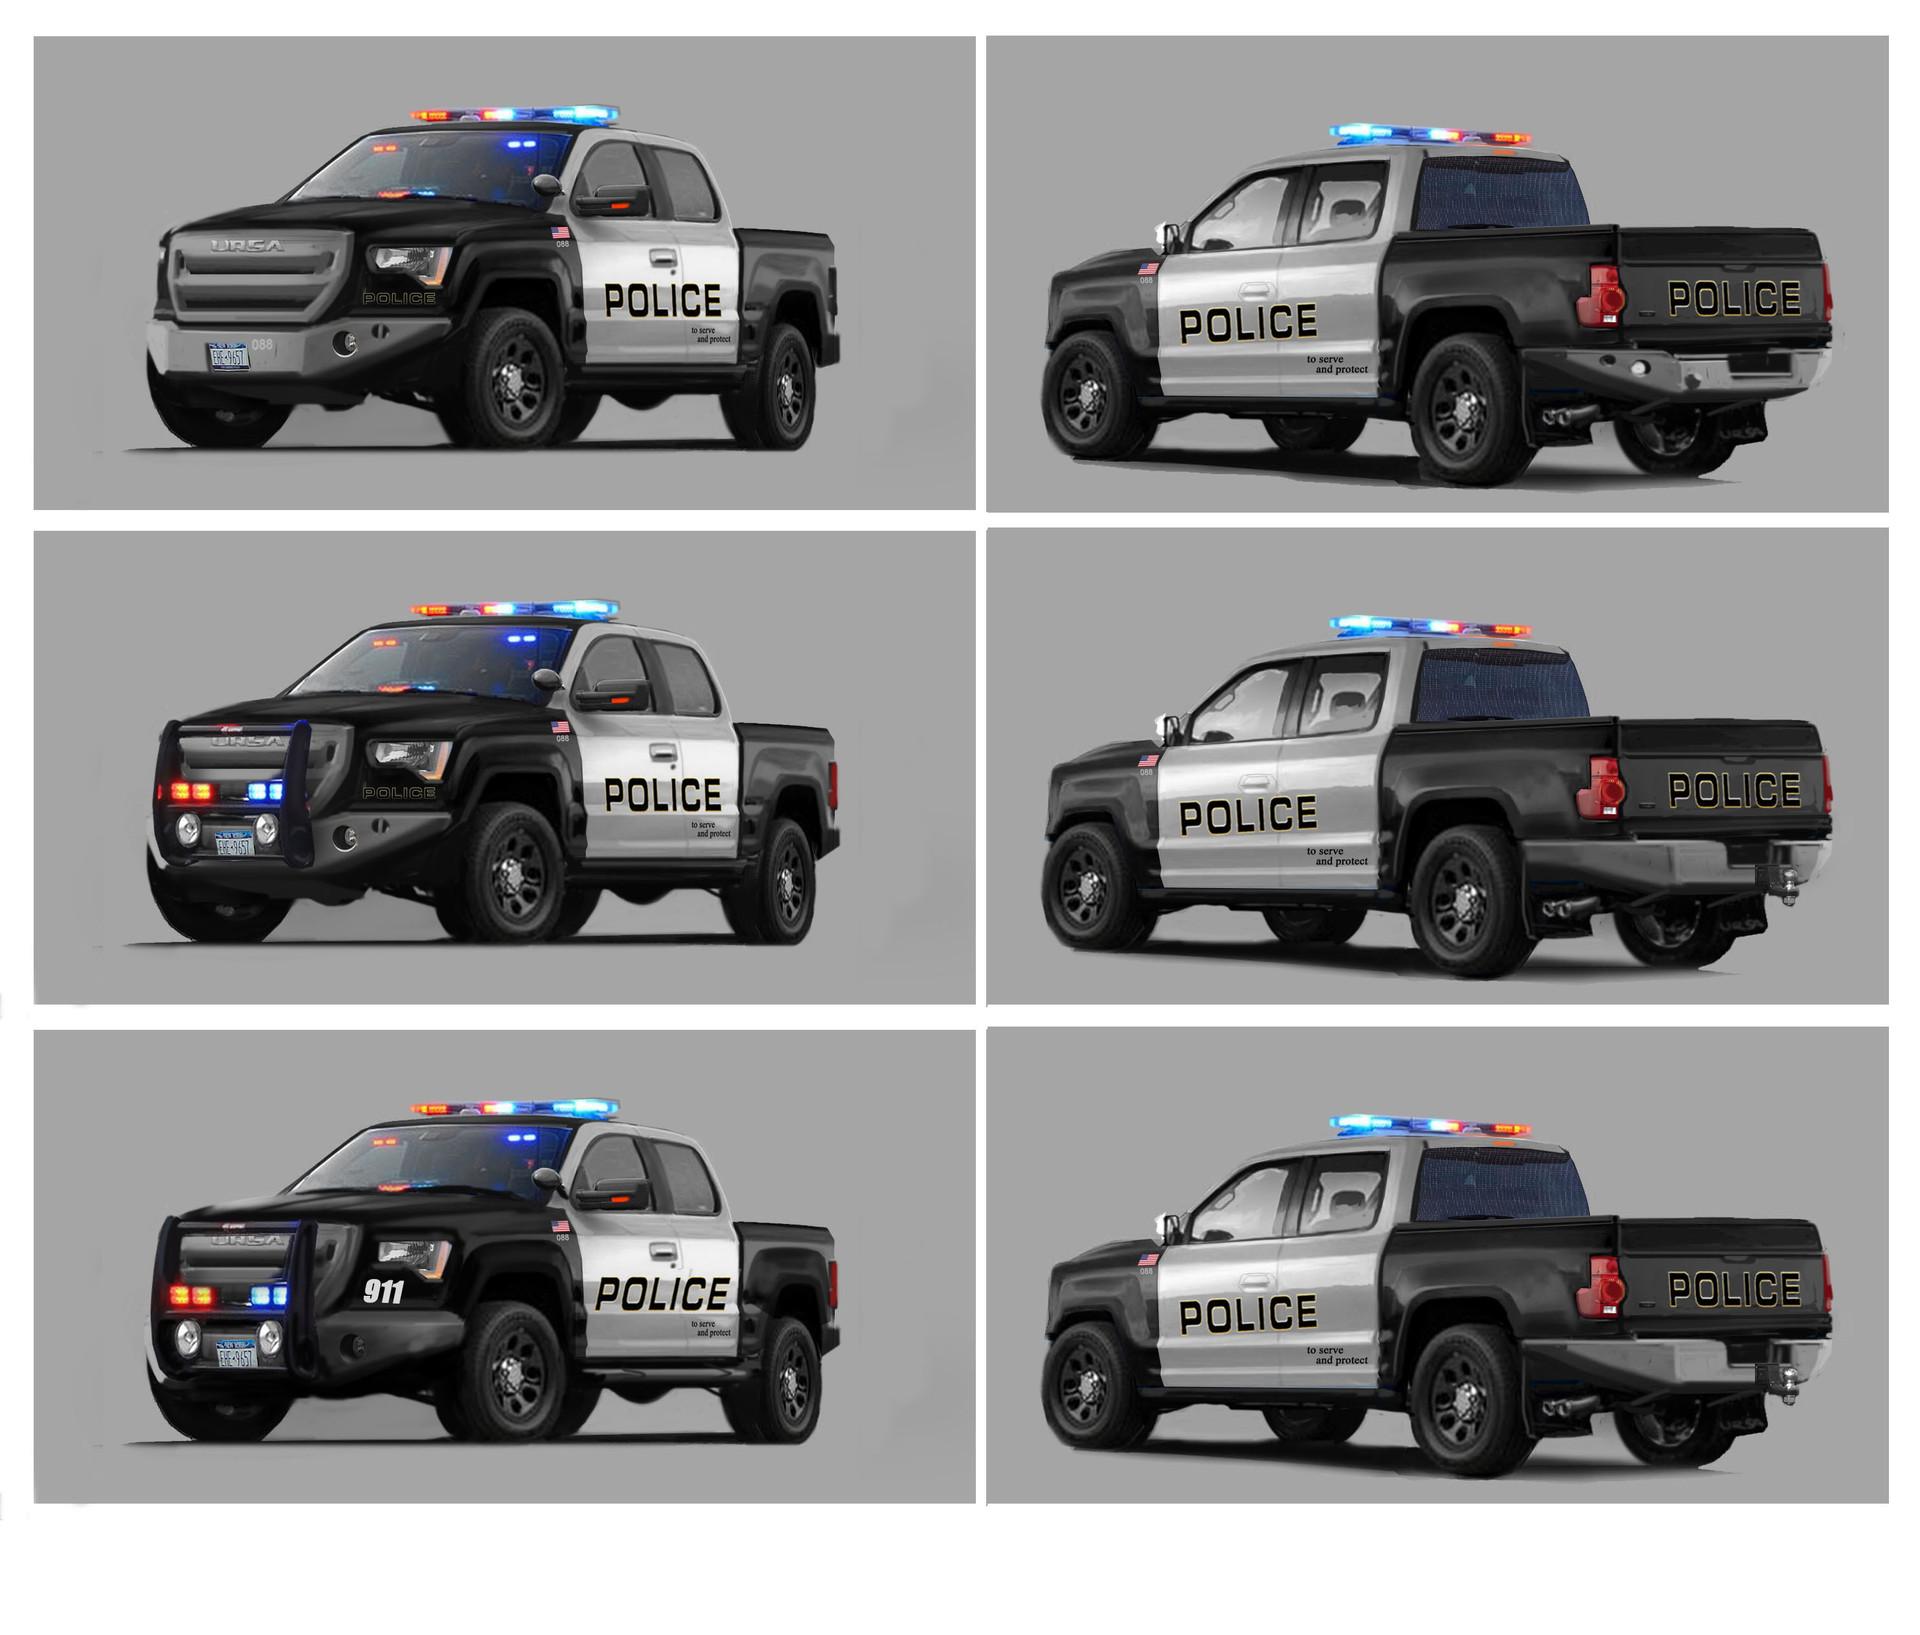 Alex jay brady police4 truck mods